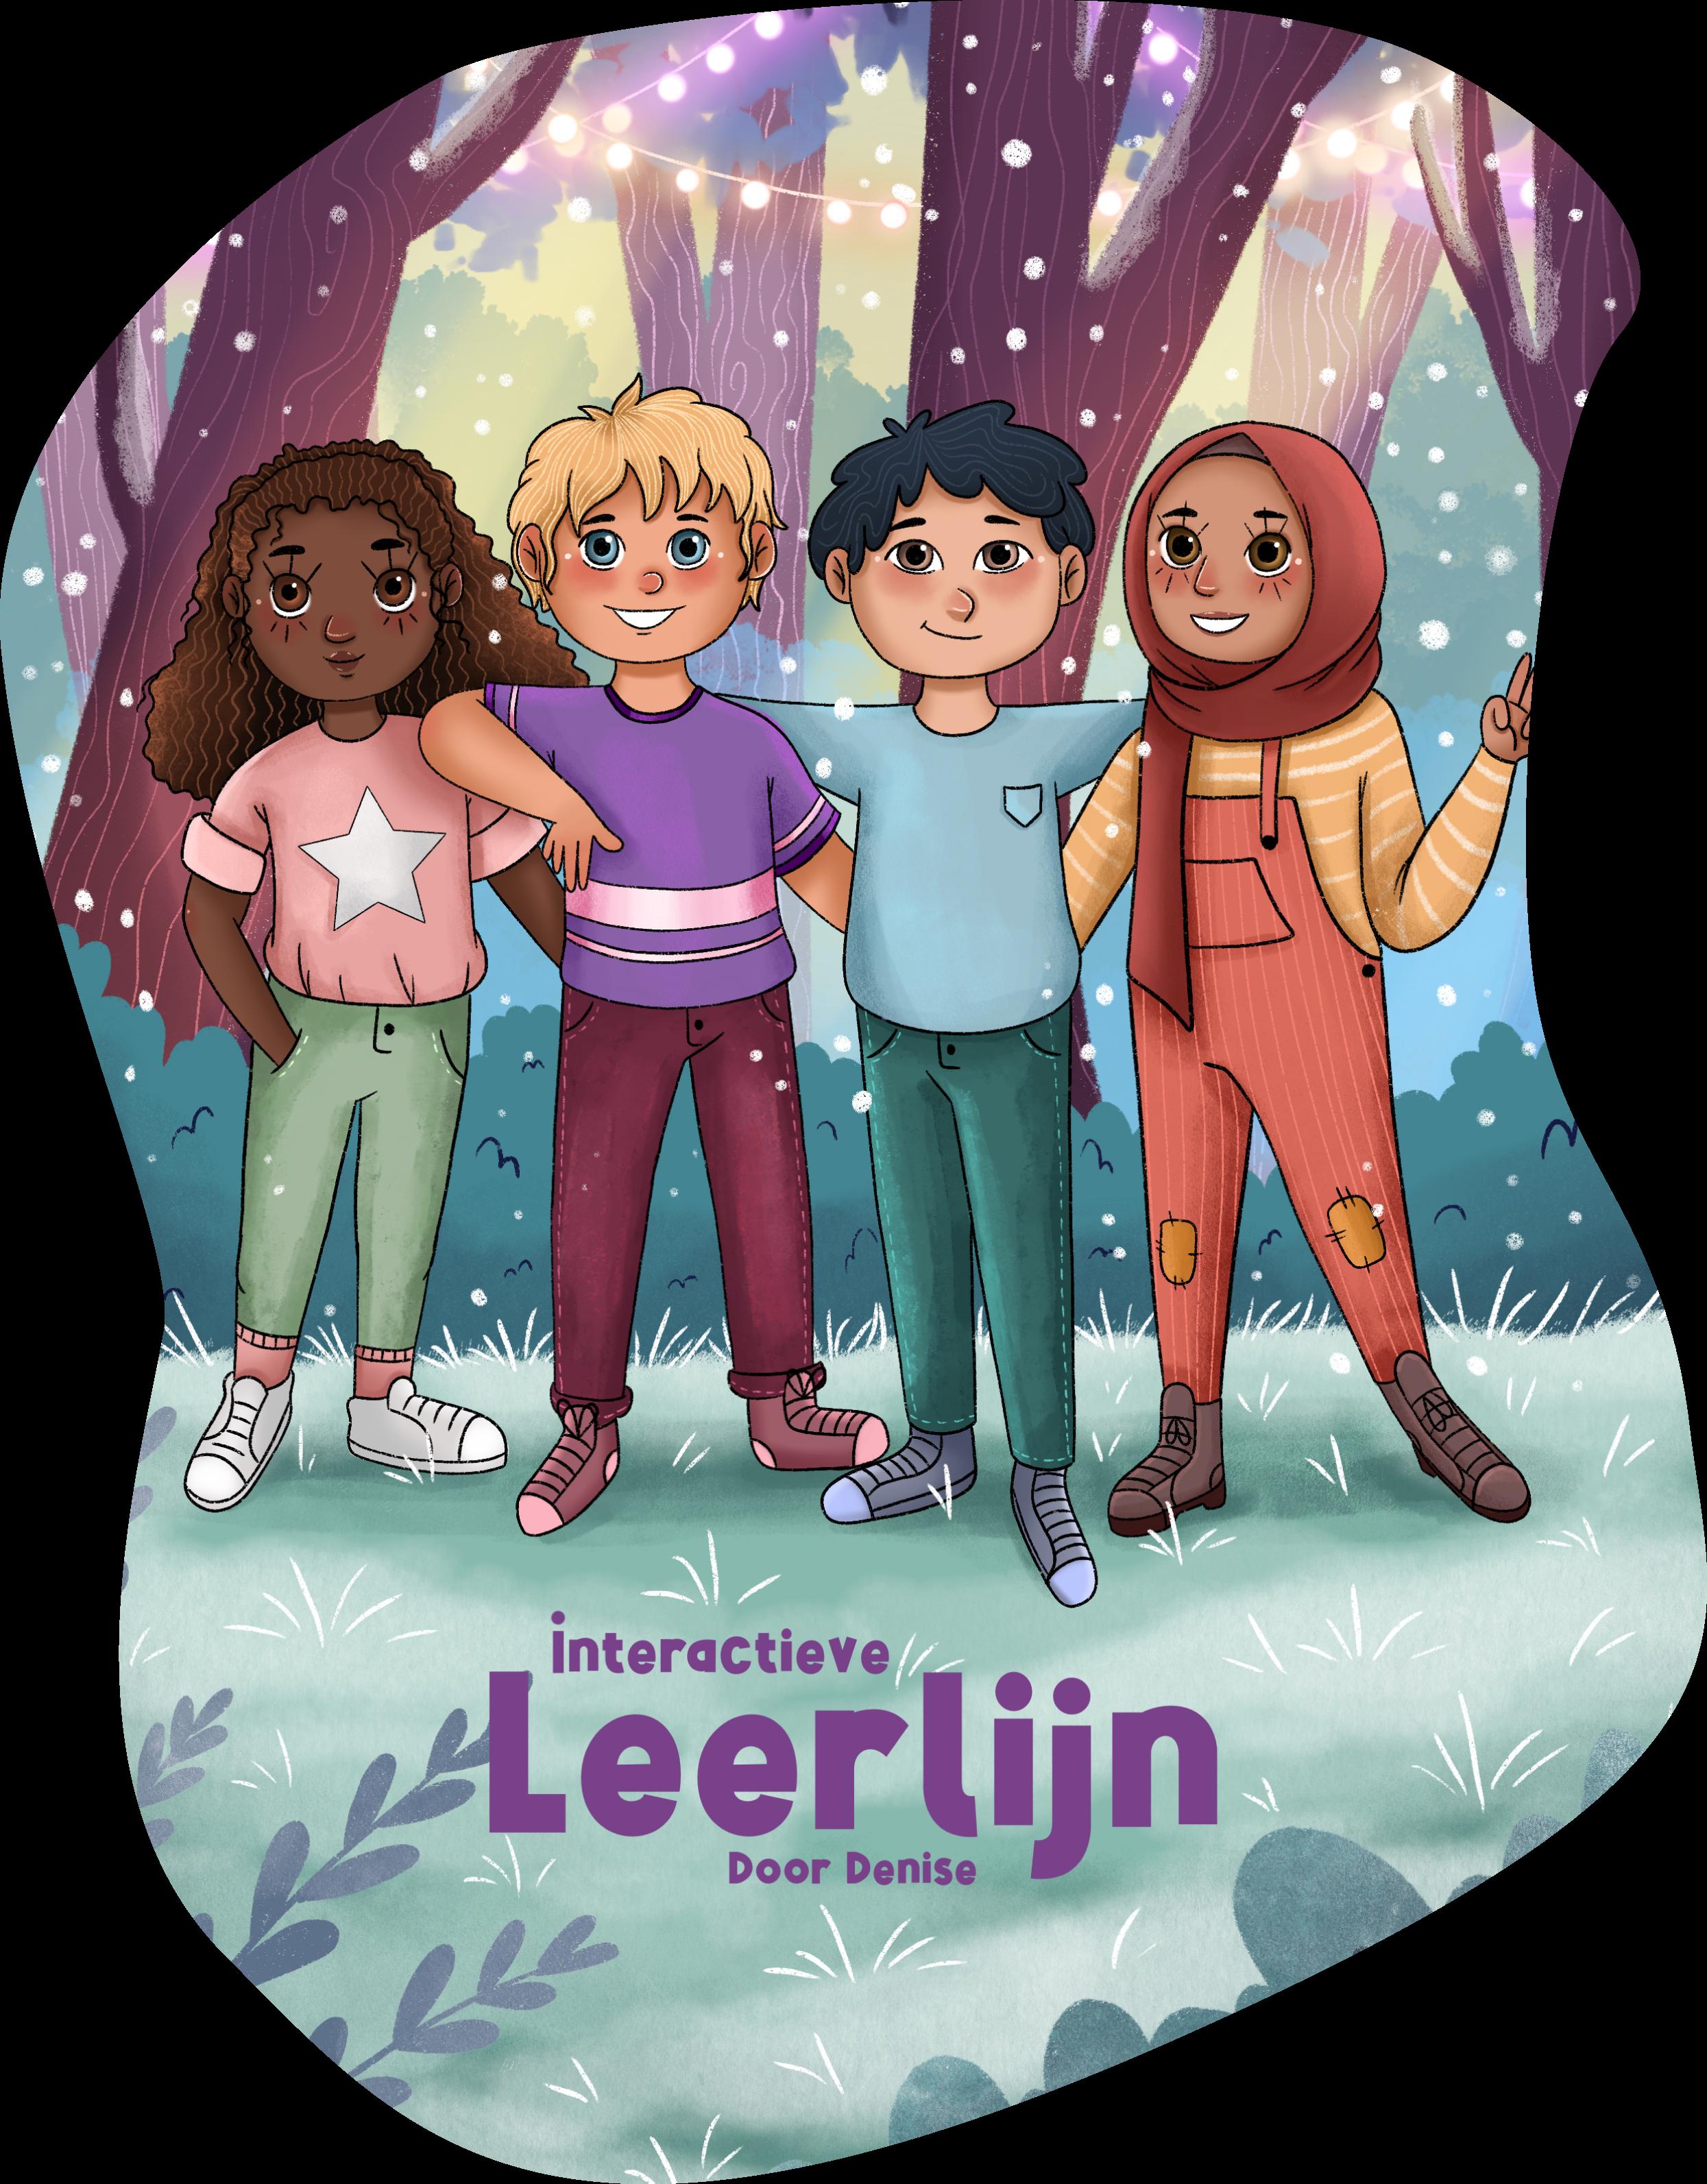 Poster Interactieve Leerlijn by Denise